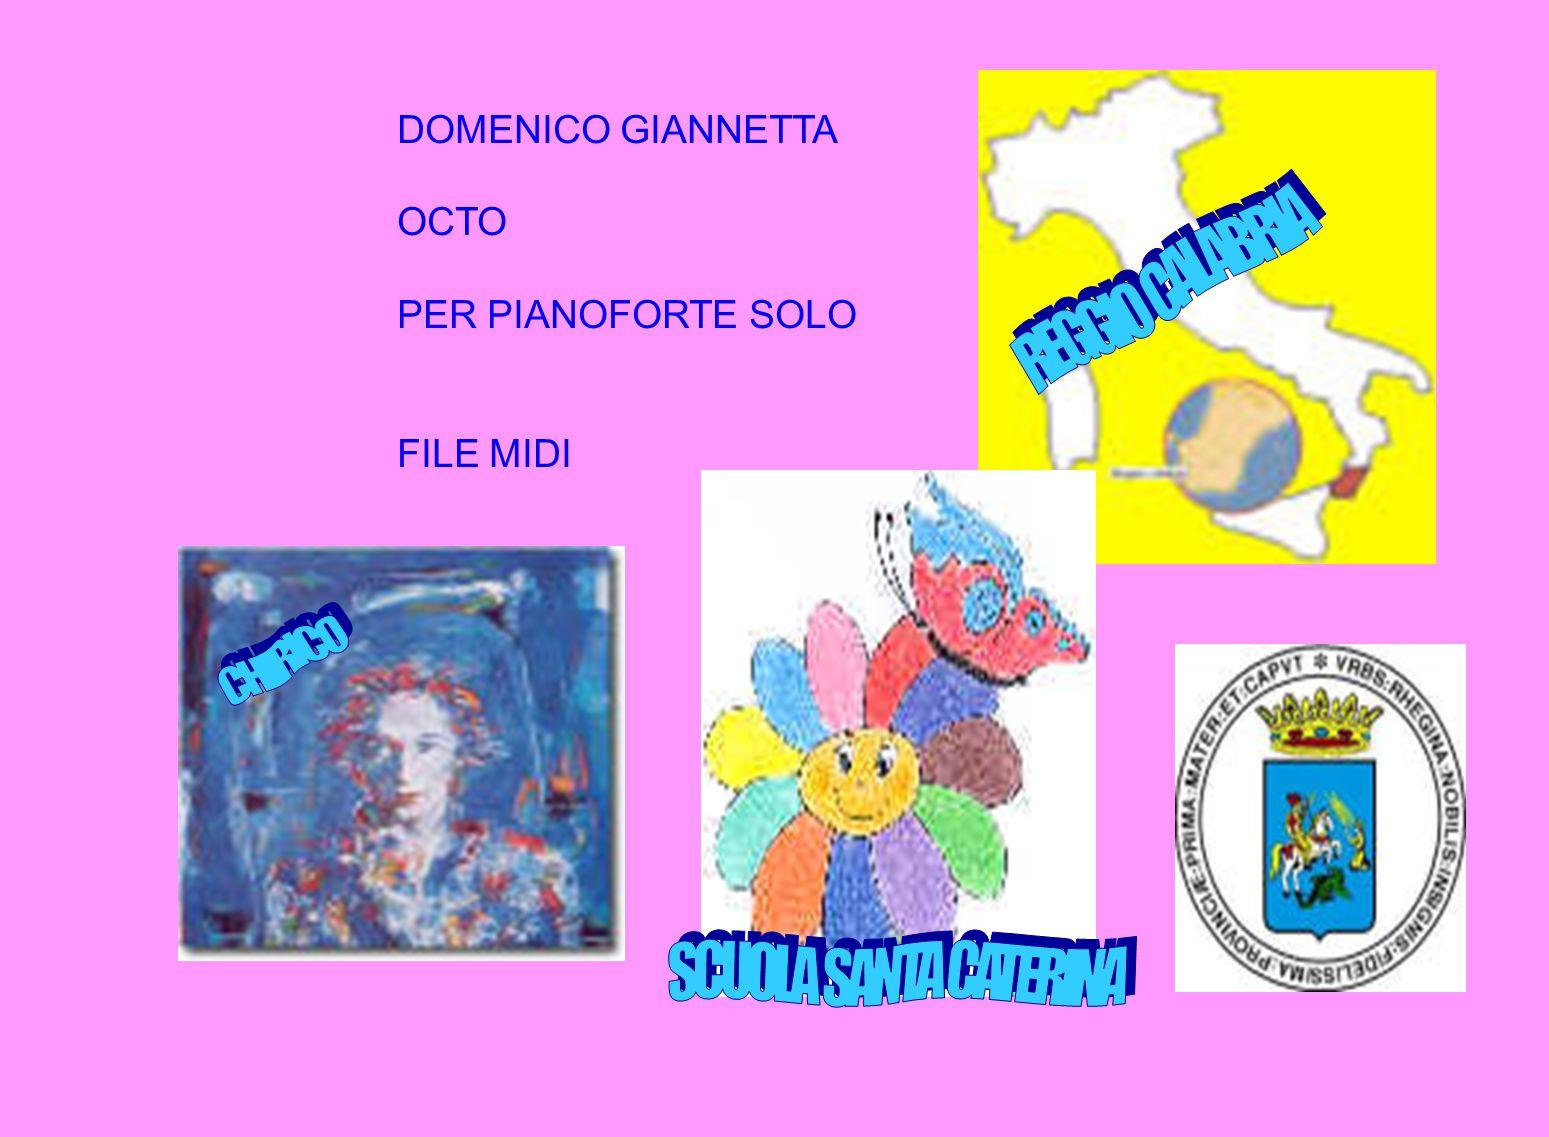 REGGIO CALABRIA CHIRICO SCUOLA SANTA CATERINA DOMENICO GIANNETTA OCTO